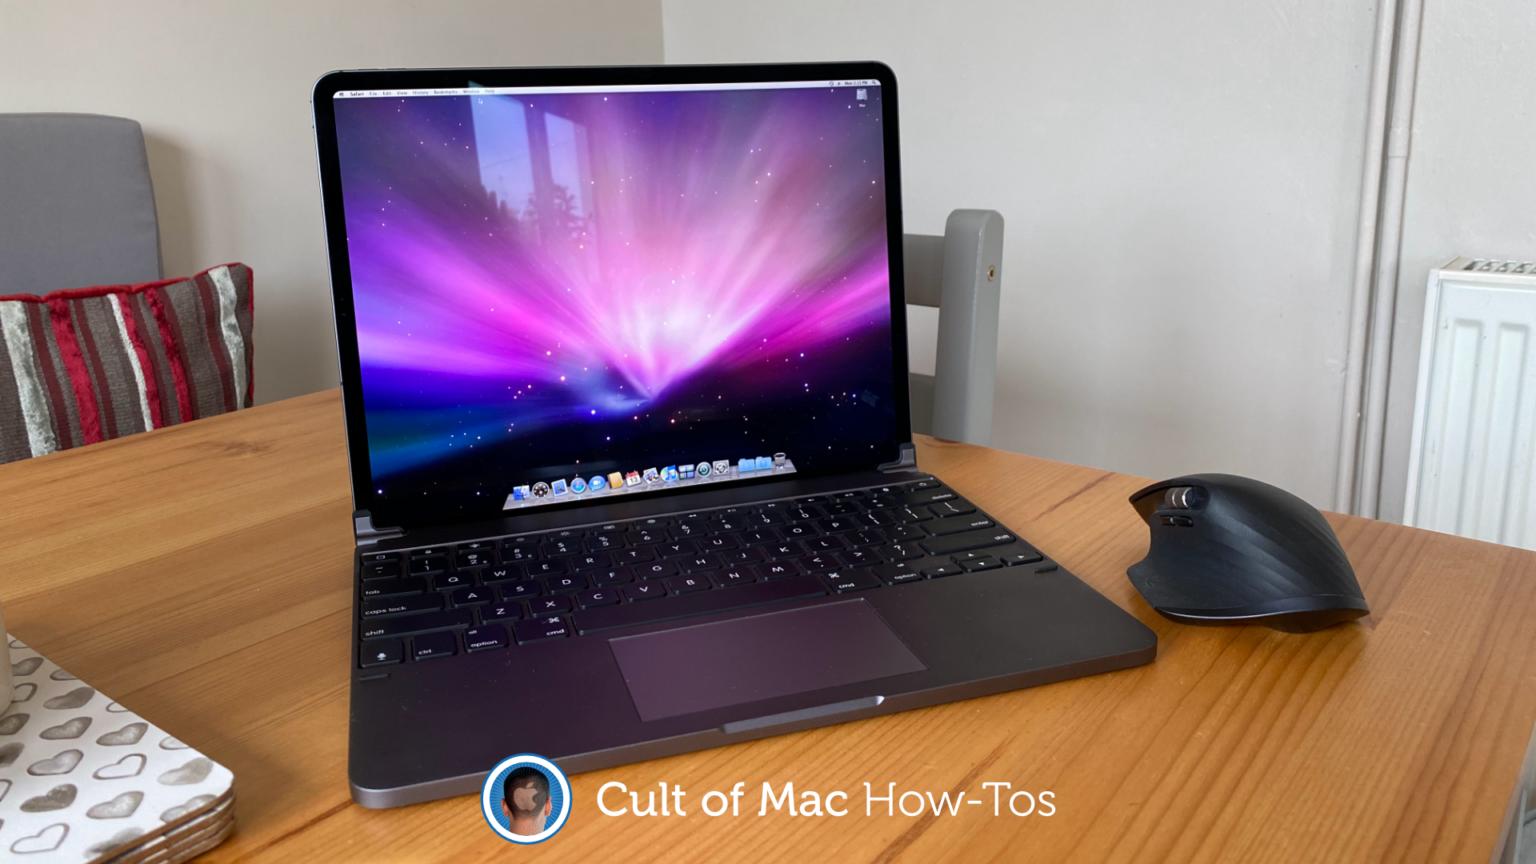 How to run Mac OS X on iPhone or iPad